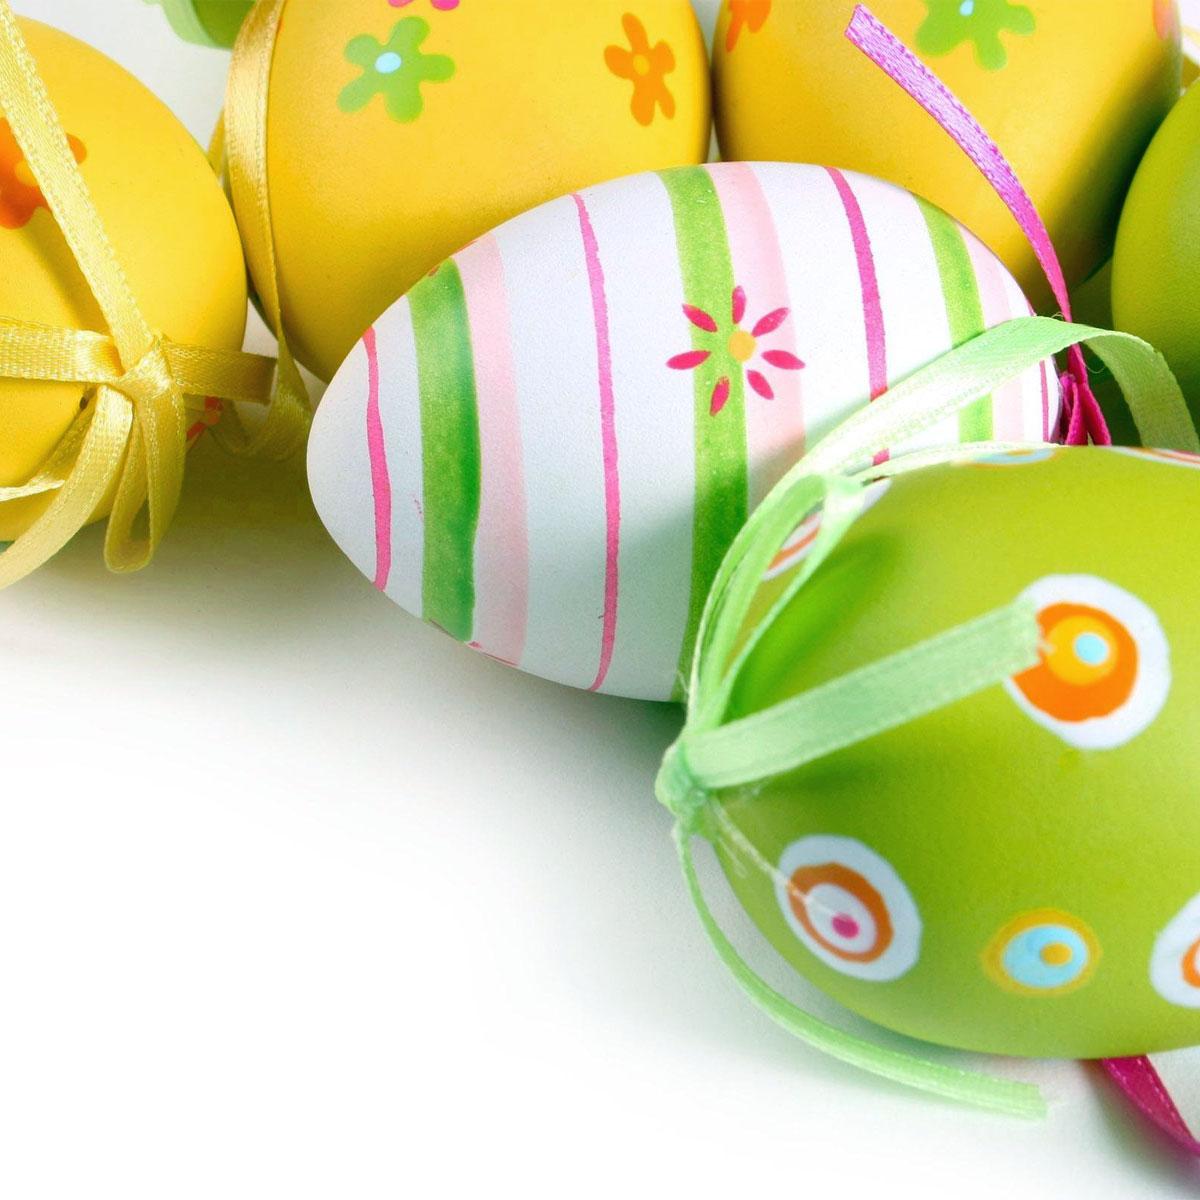 Frasi sulle uova